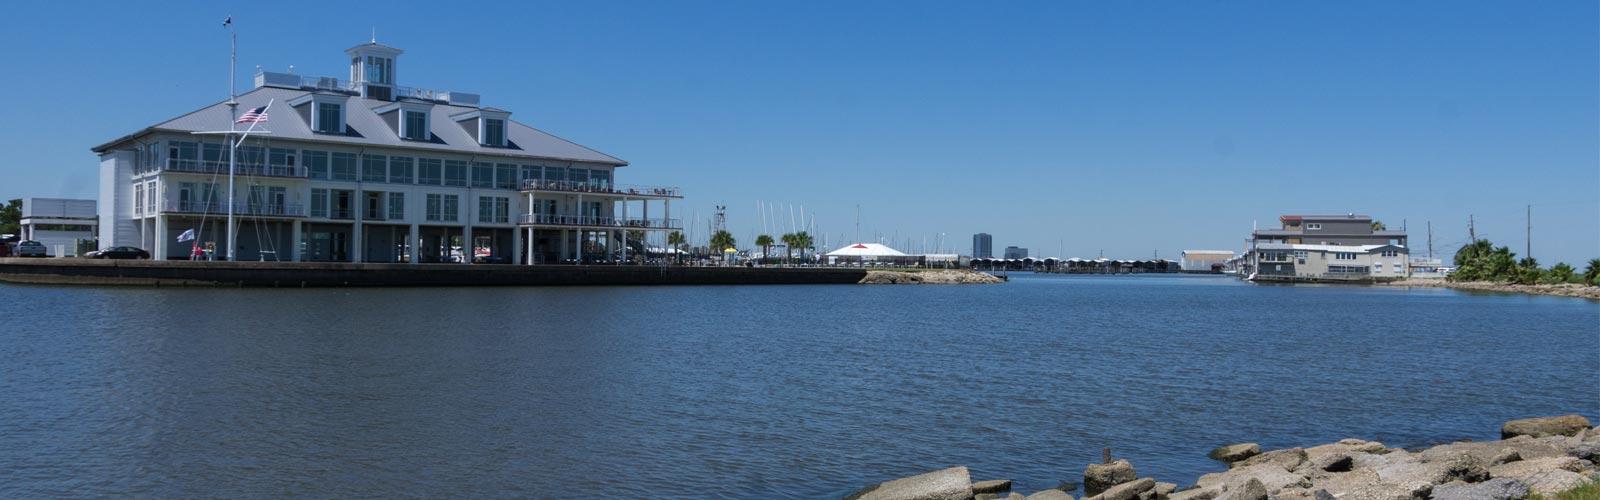 Lakeview New Orleans, LA